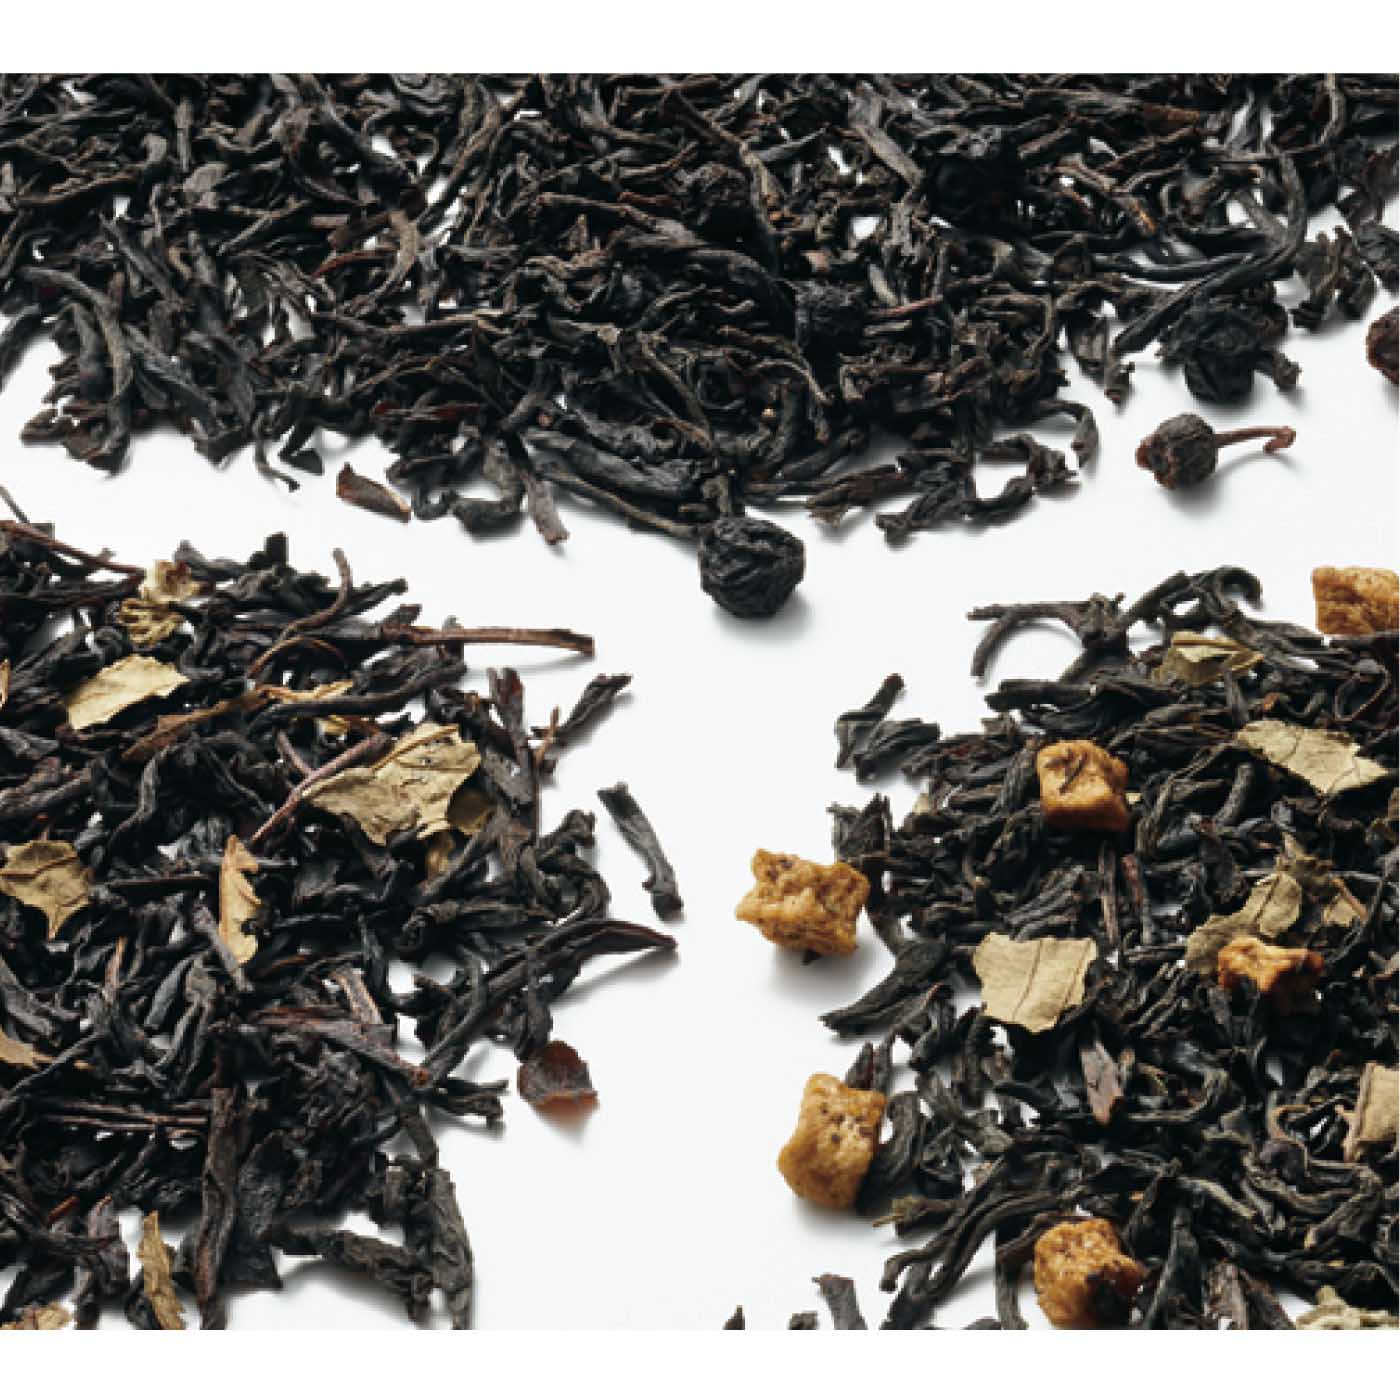 本場スリランカ原産の茶葉を使用。専門の調合師によるこだわりのフレーバーがやわらかく香り立ちます。